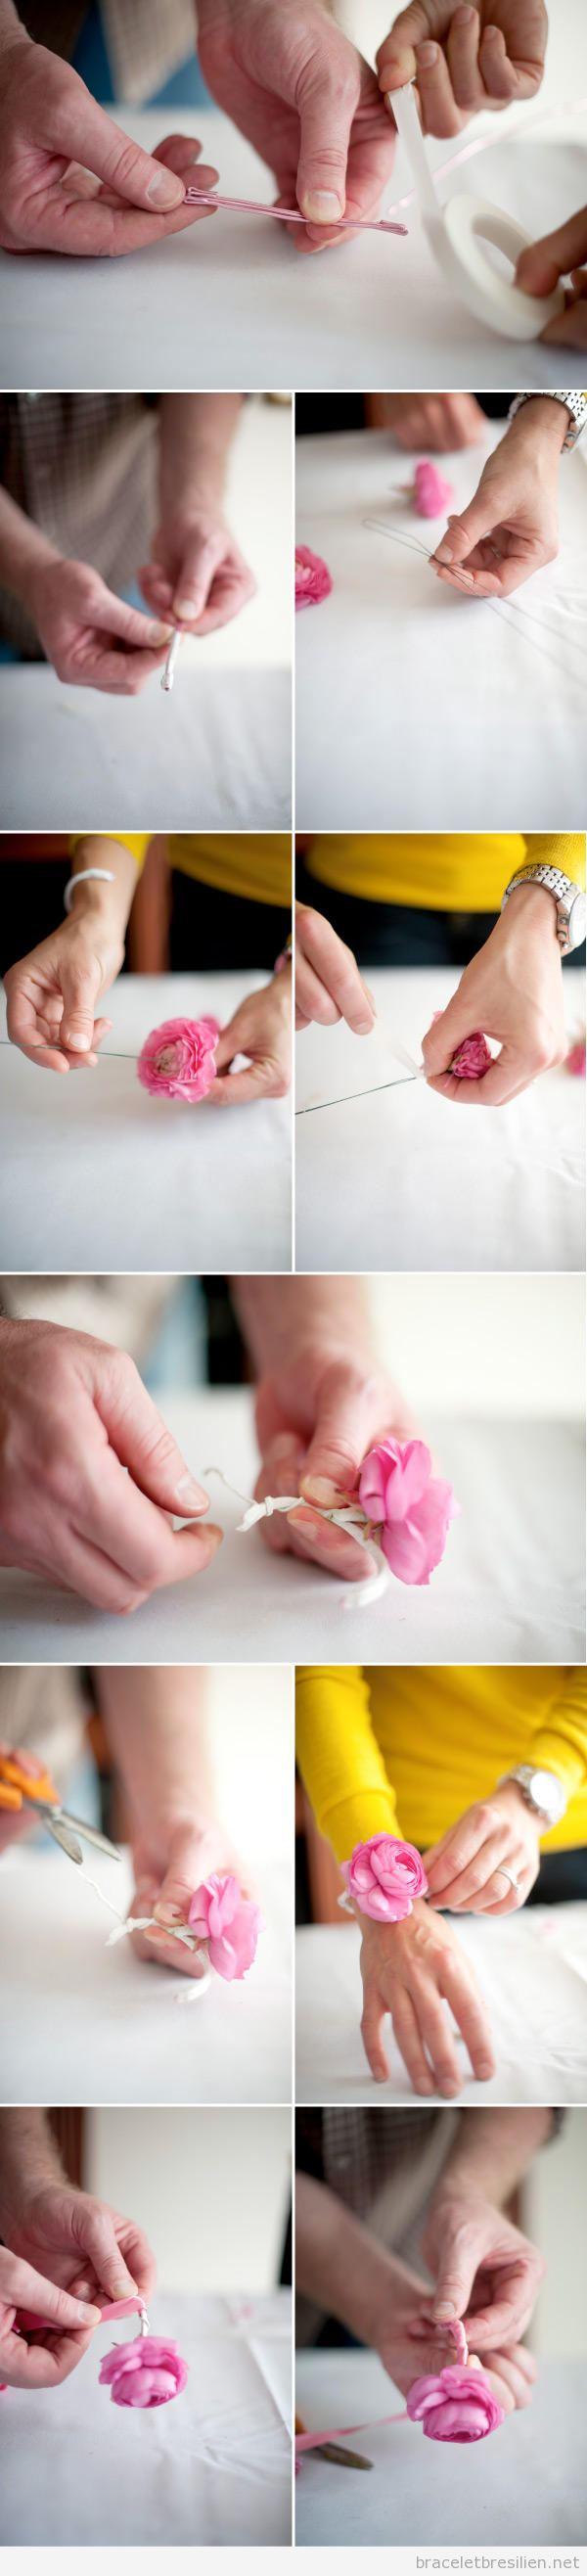 Tuto bracelet DIY réalisé en fleurs et fil de fer